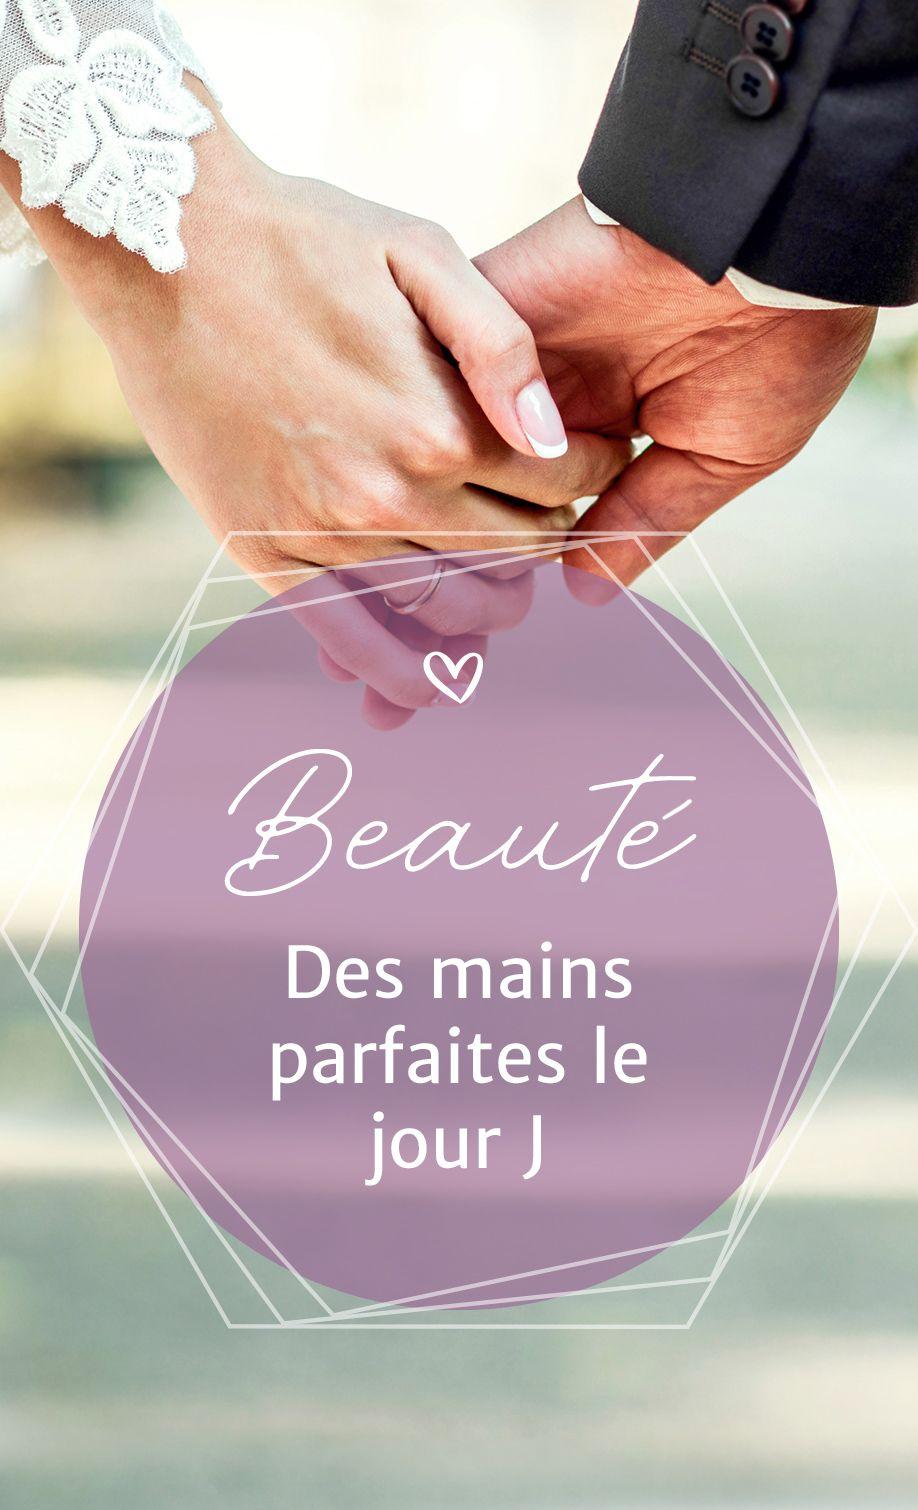 4 astuces beauté pour des mains resplendissantes le jour J